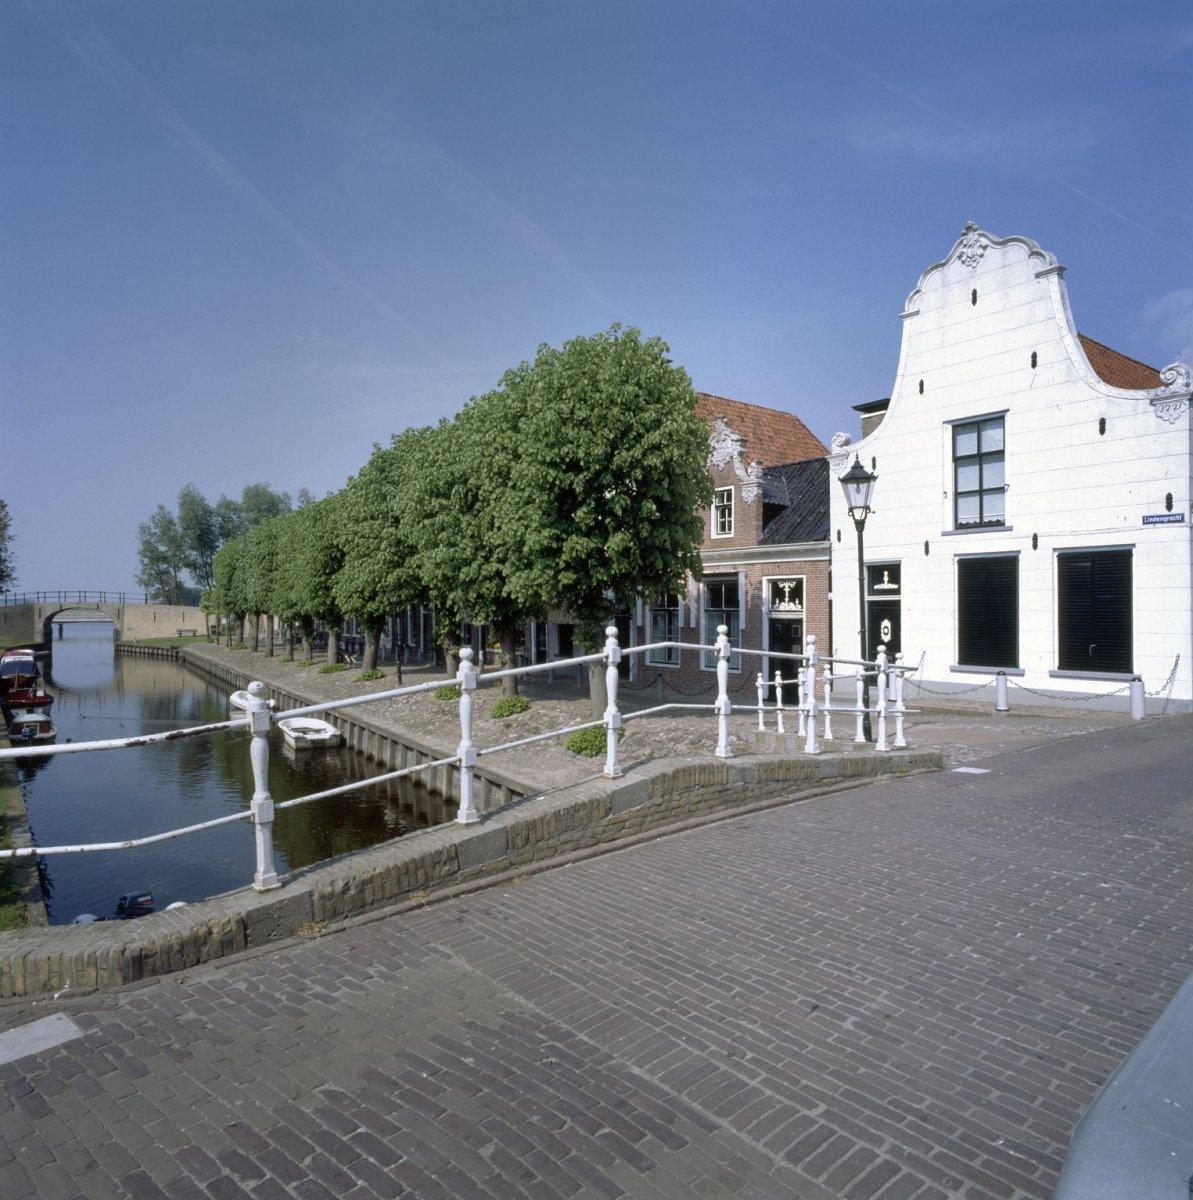 De Fryske Marren – Wikipedia, wolna encyklopedia